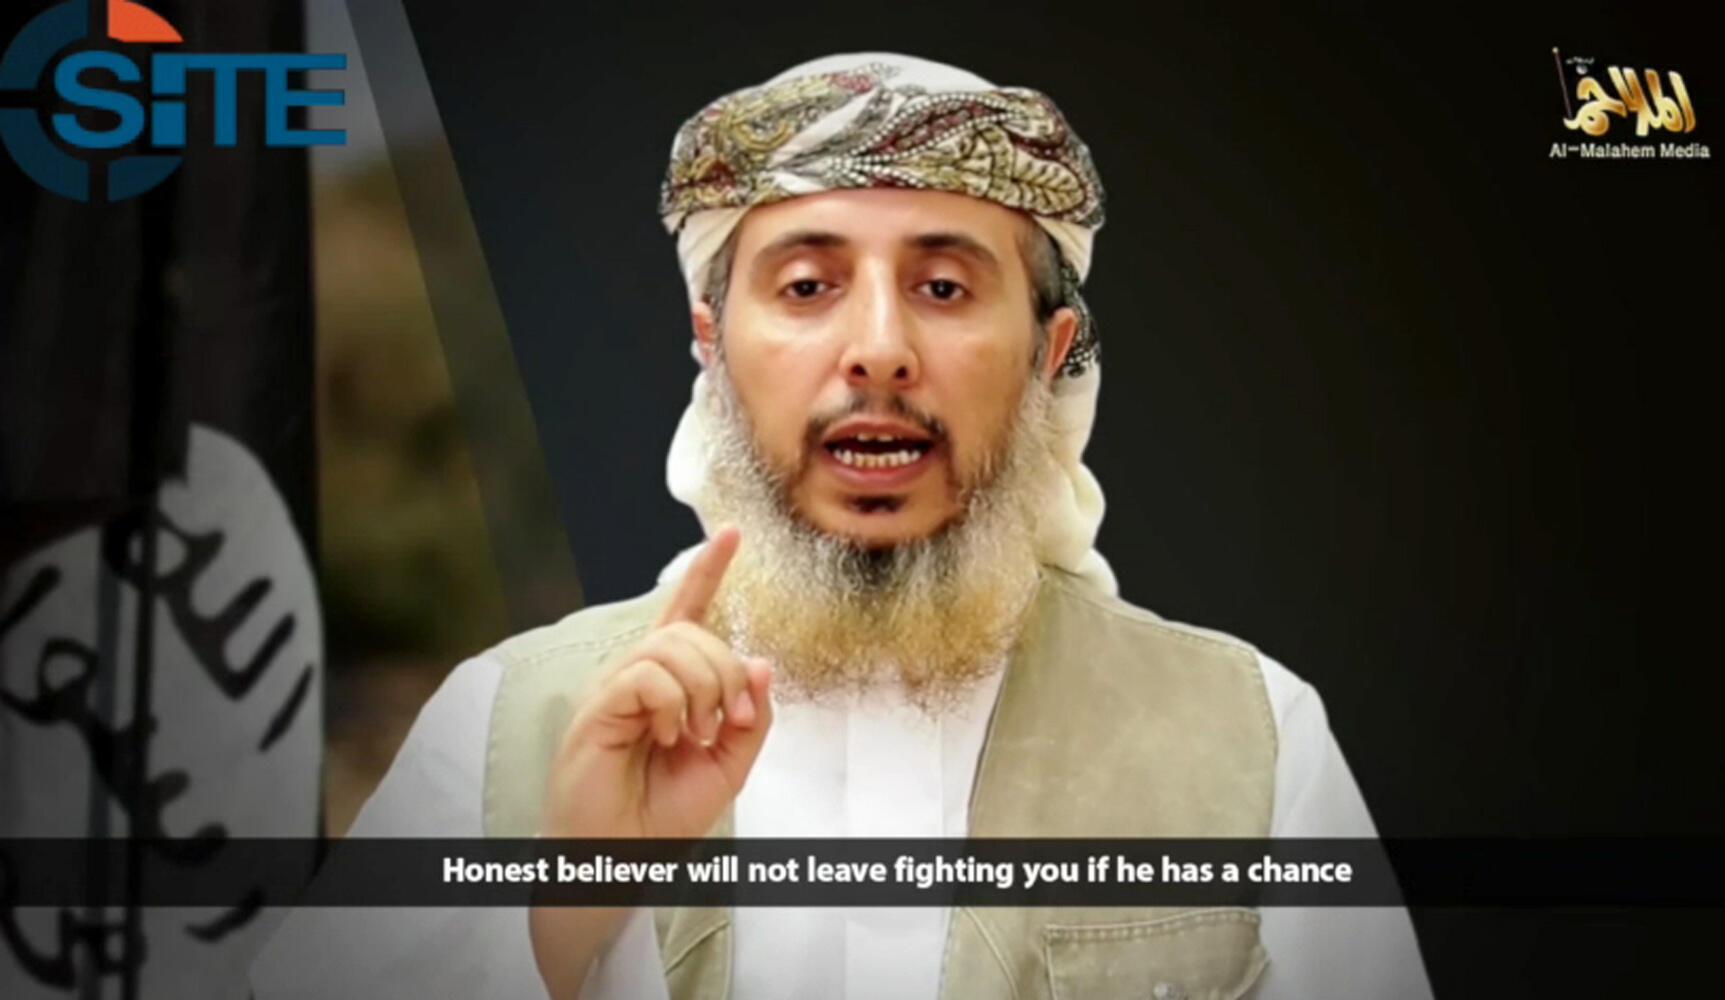 Nasser bin Ali al-Ansi claims responsiblity for the Charlie Hebdo attacks in January 2015